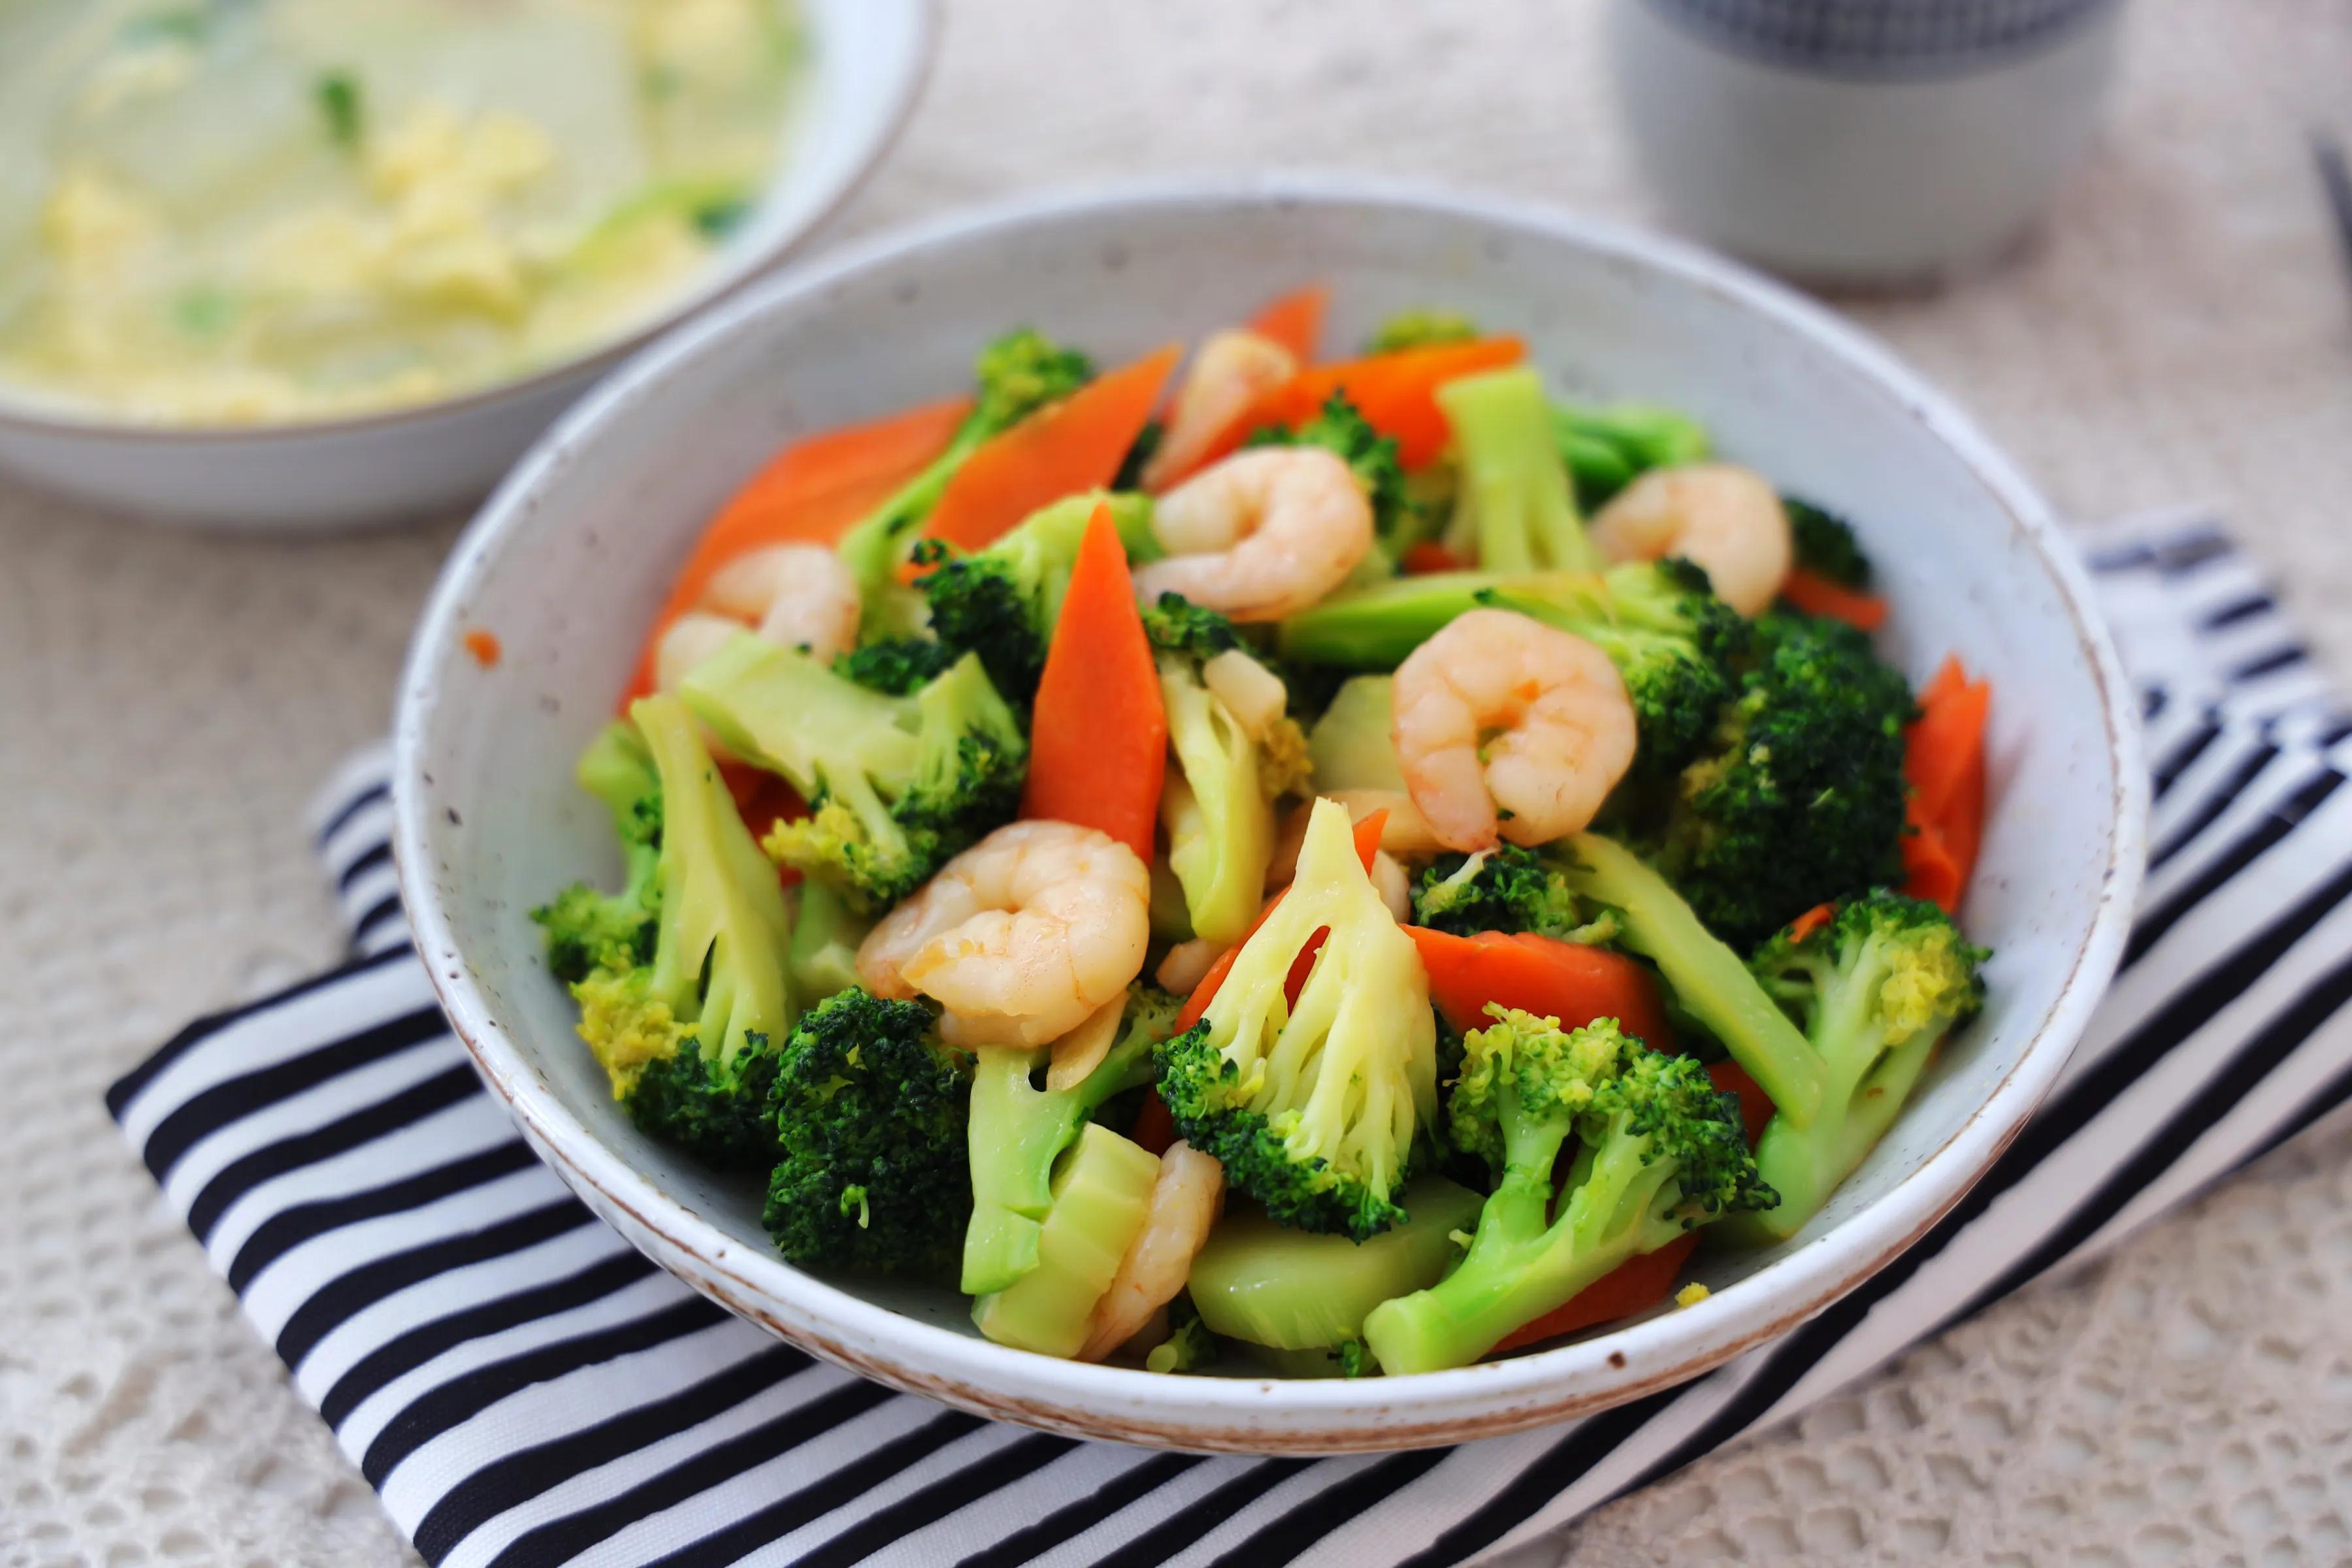 天气热,这5道下饭菜超棒!低脂低热量,膳食纤维高,多吃身体棒